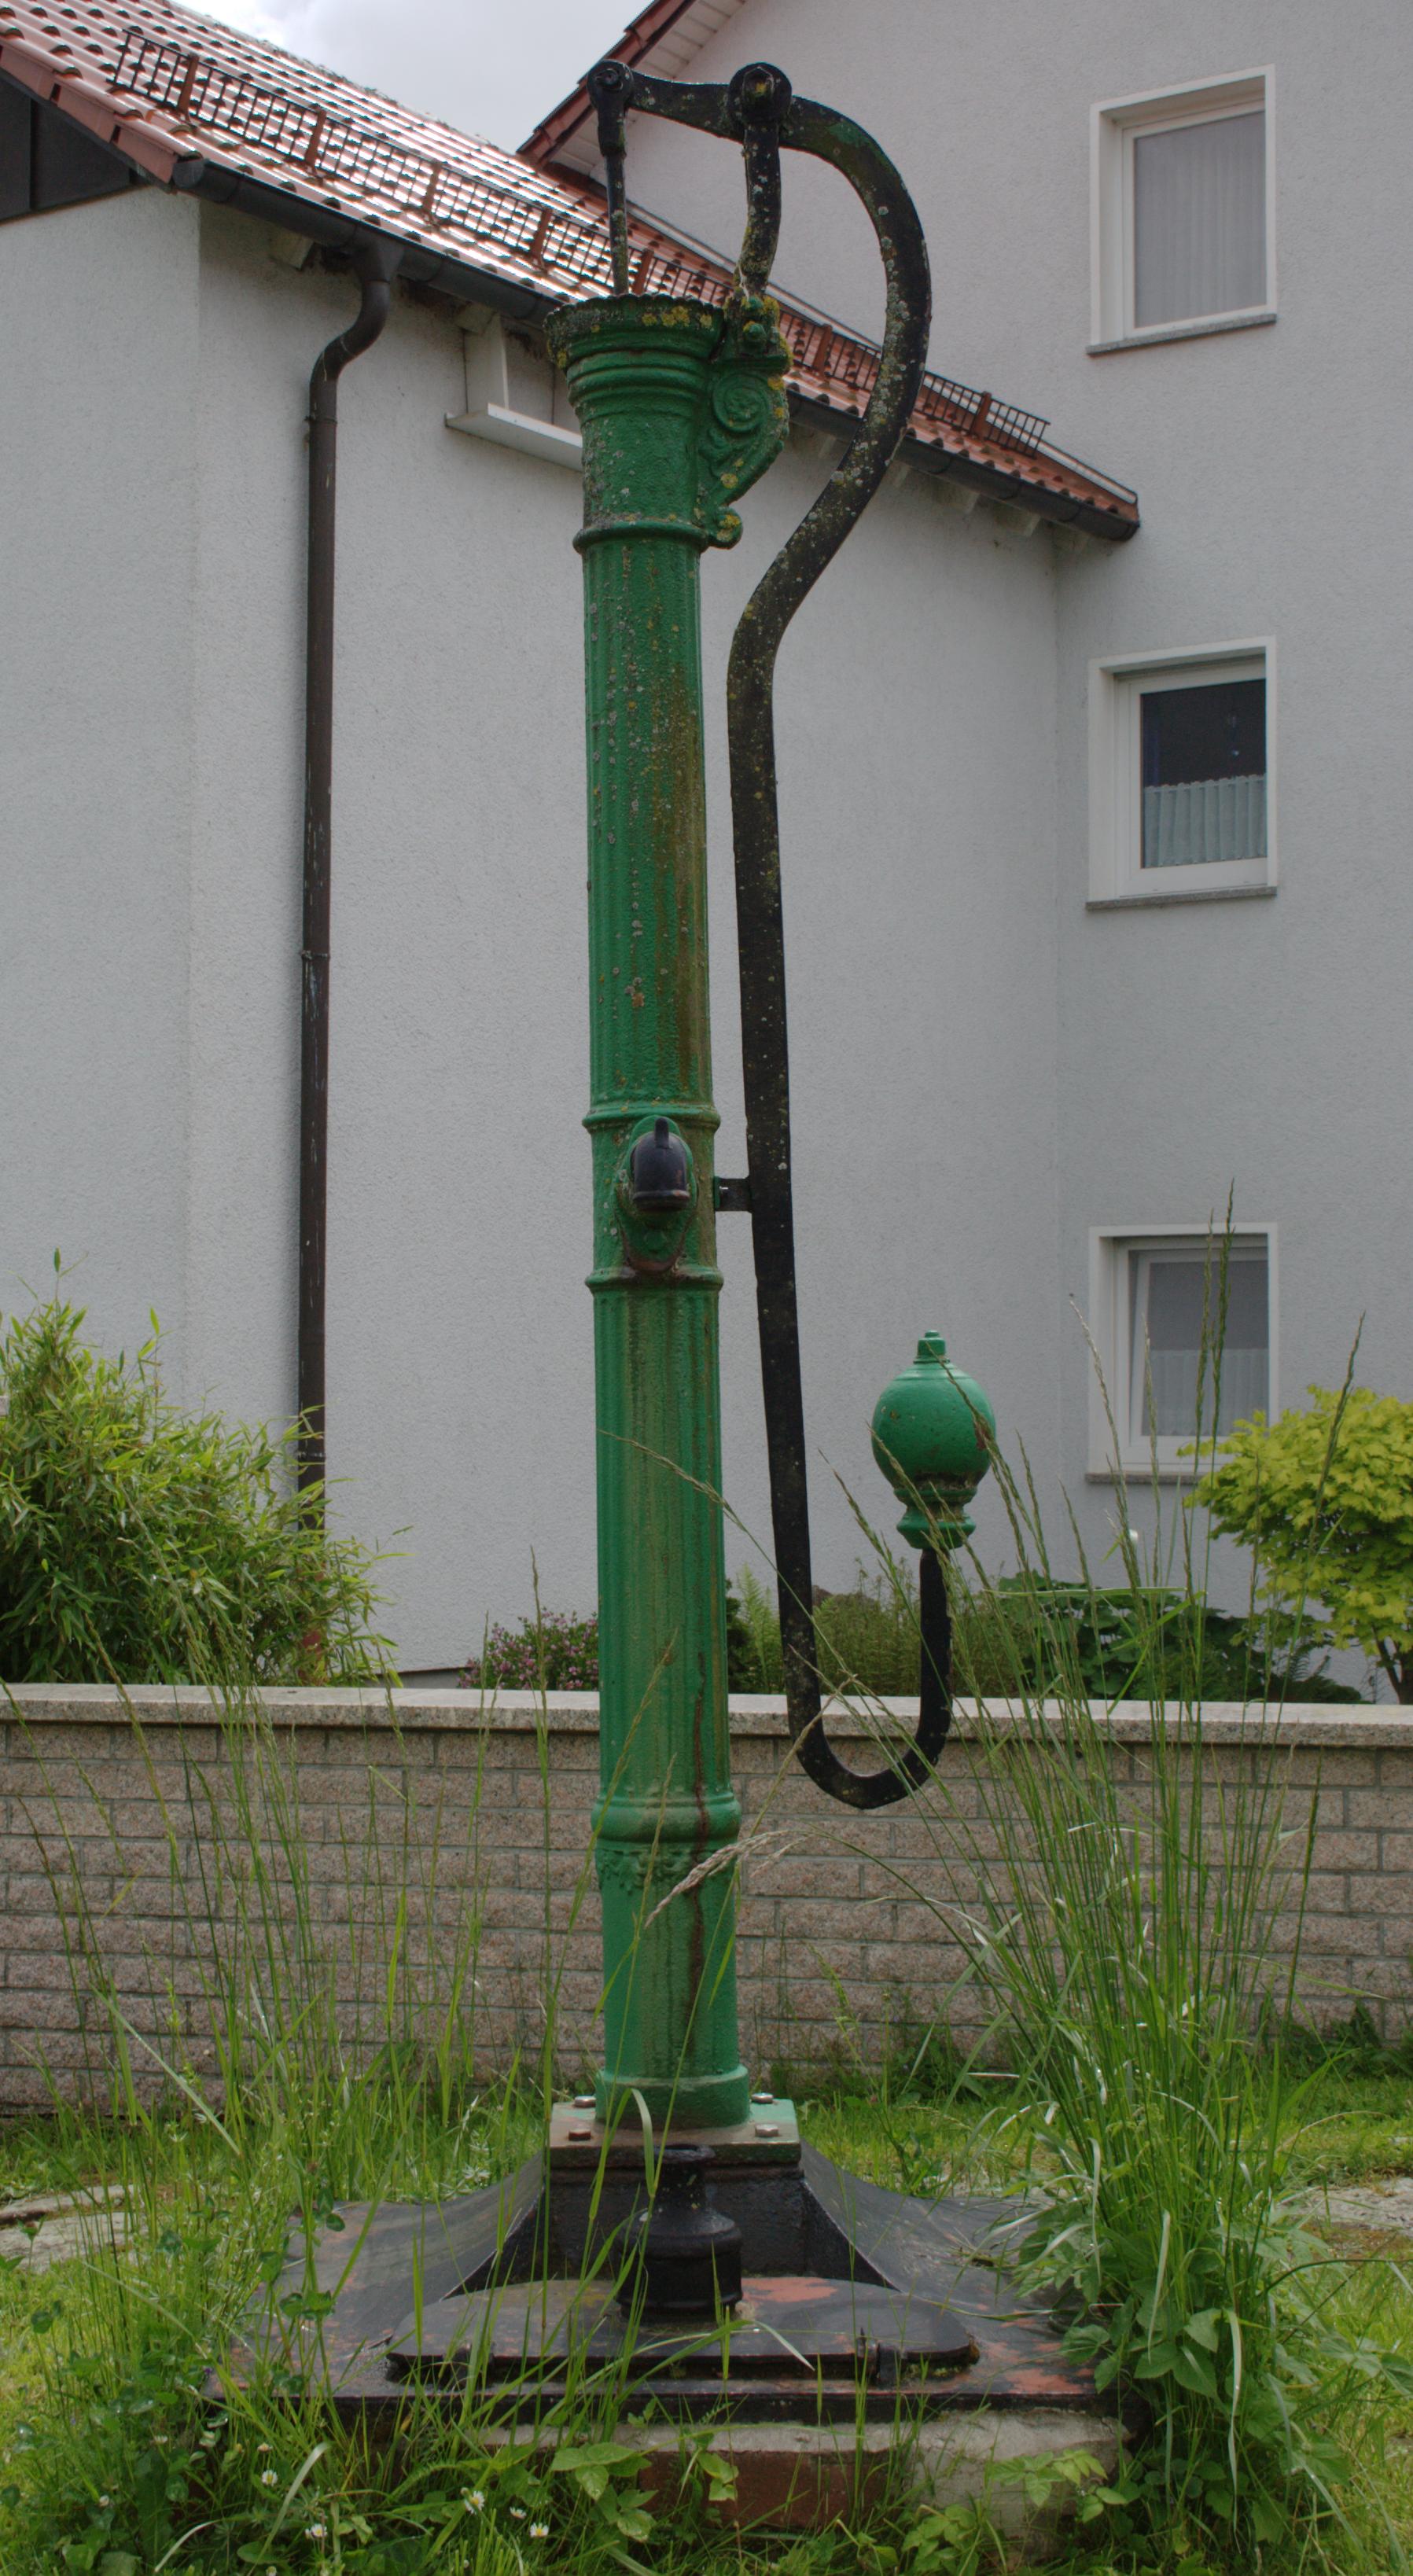 file:muecke ilsdorf darmstaedter strasse brunnen pumpe